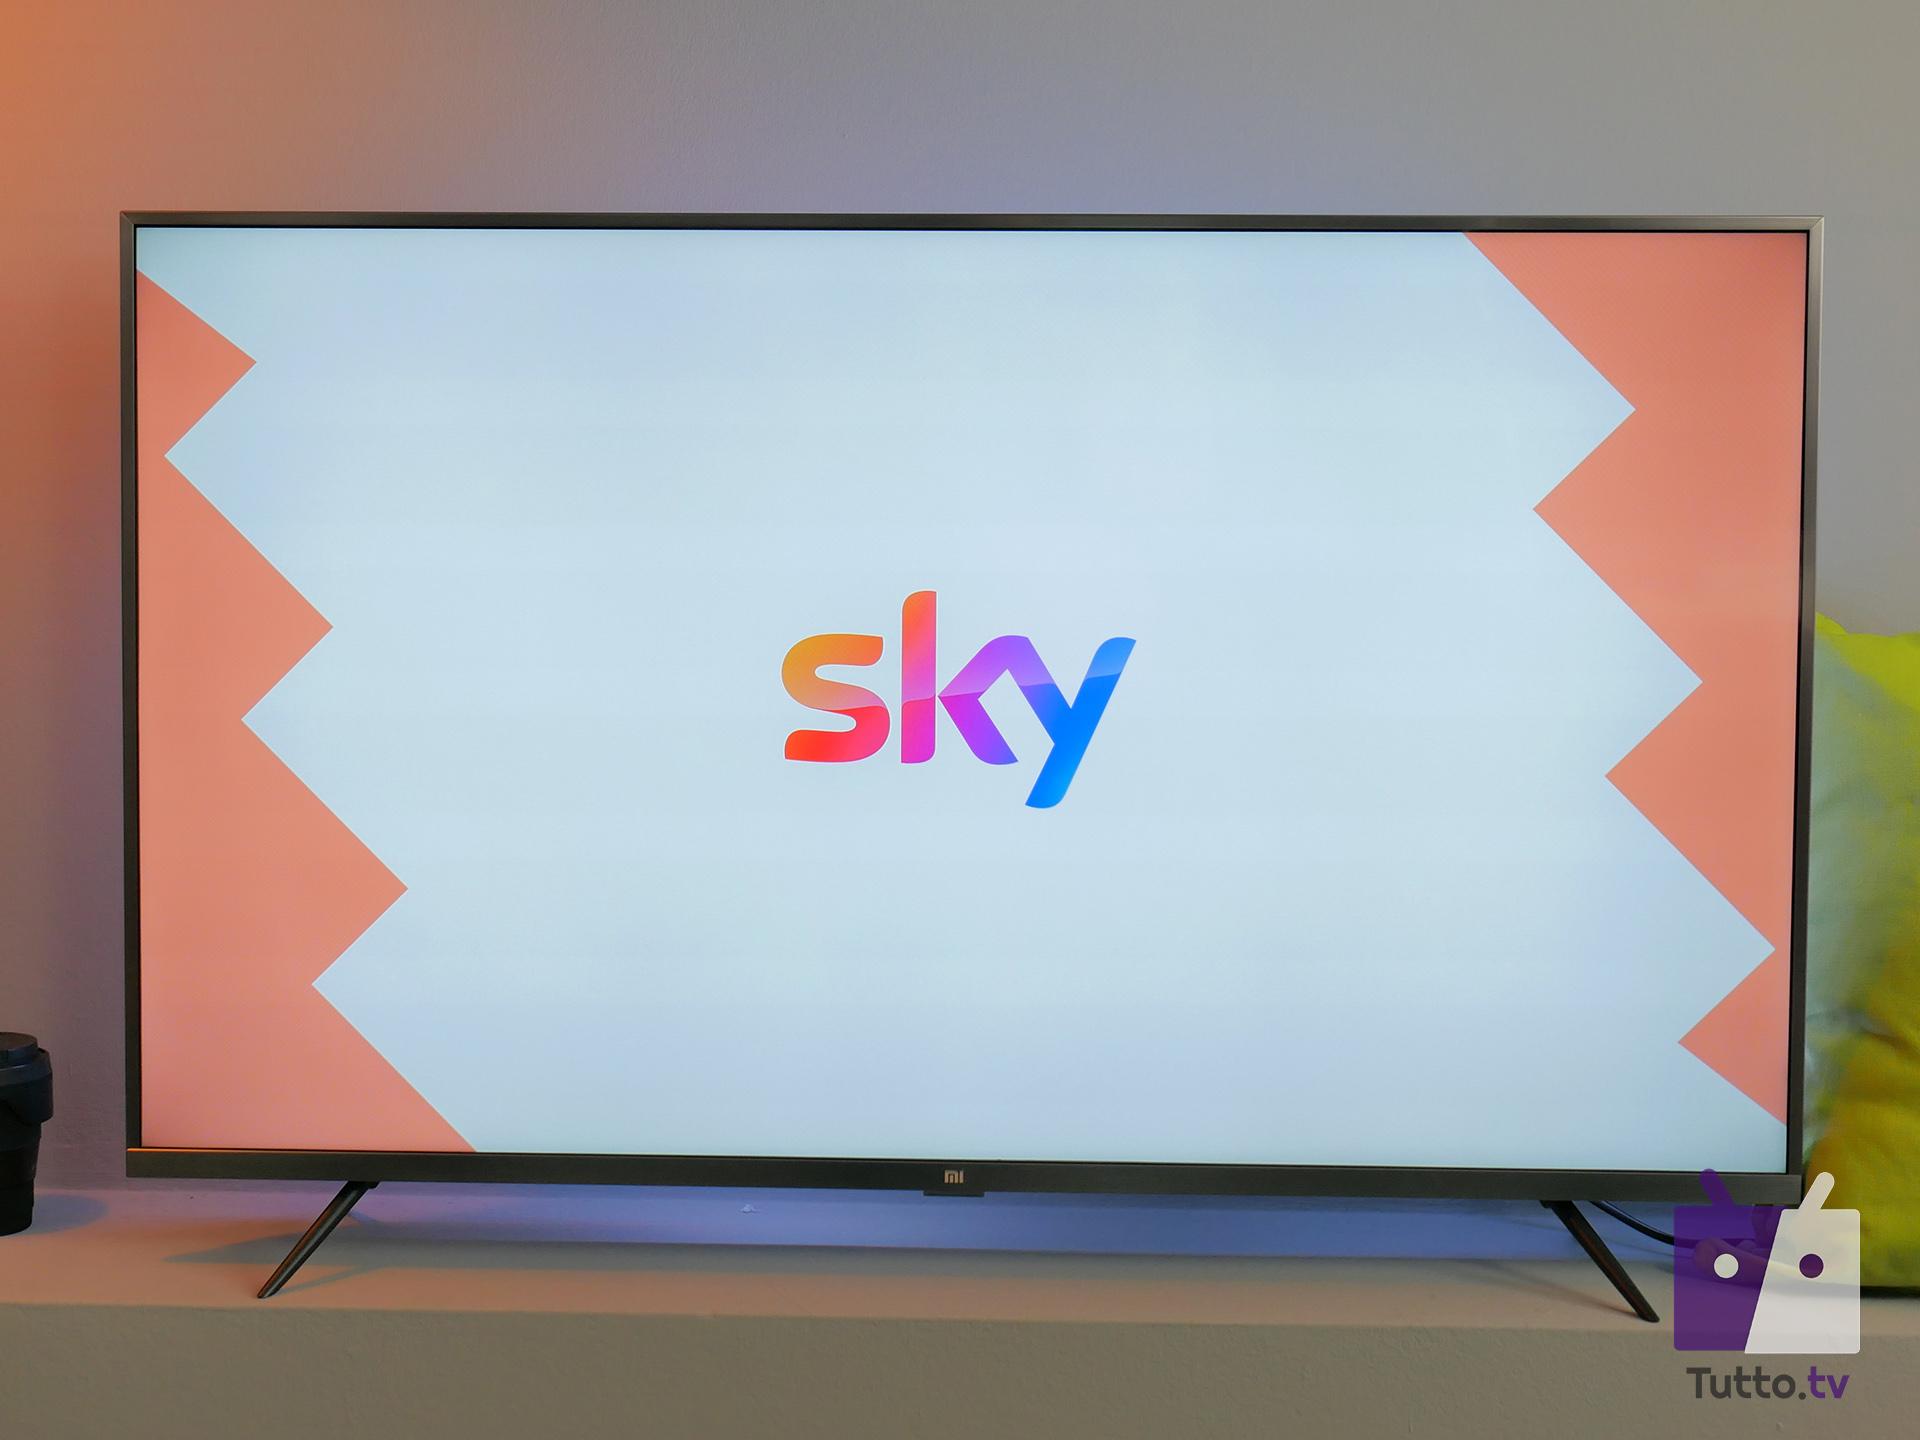 Sky |  in arrivo 4 nuovi canali? 2 dedicati alle serie tv |  2 per documentari e natura